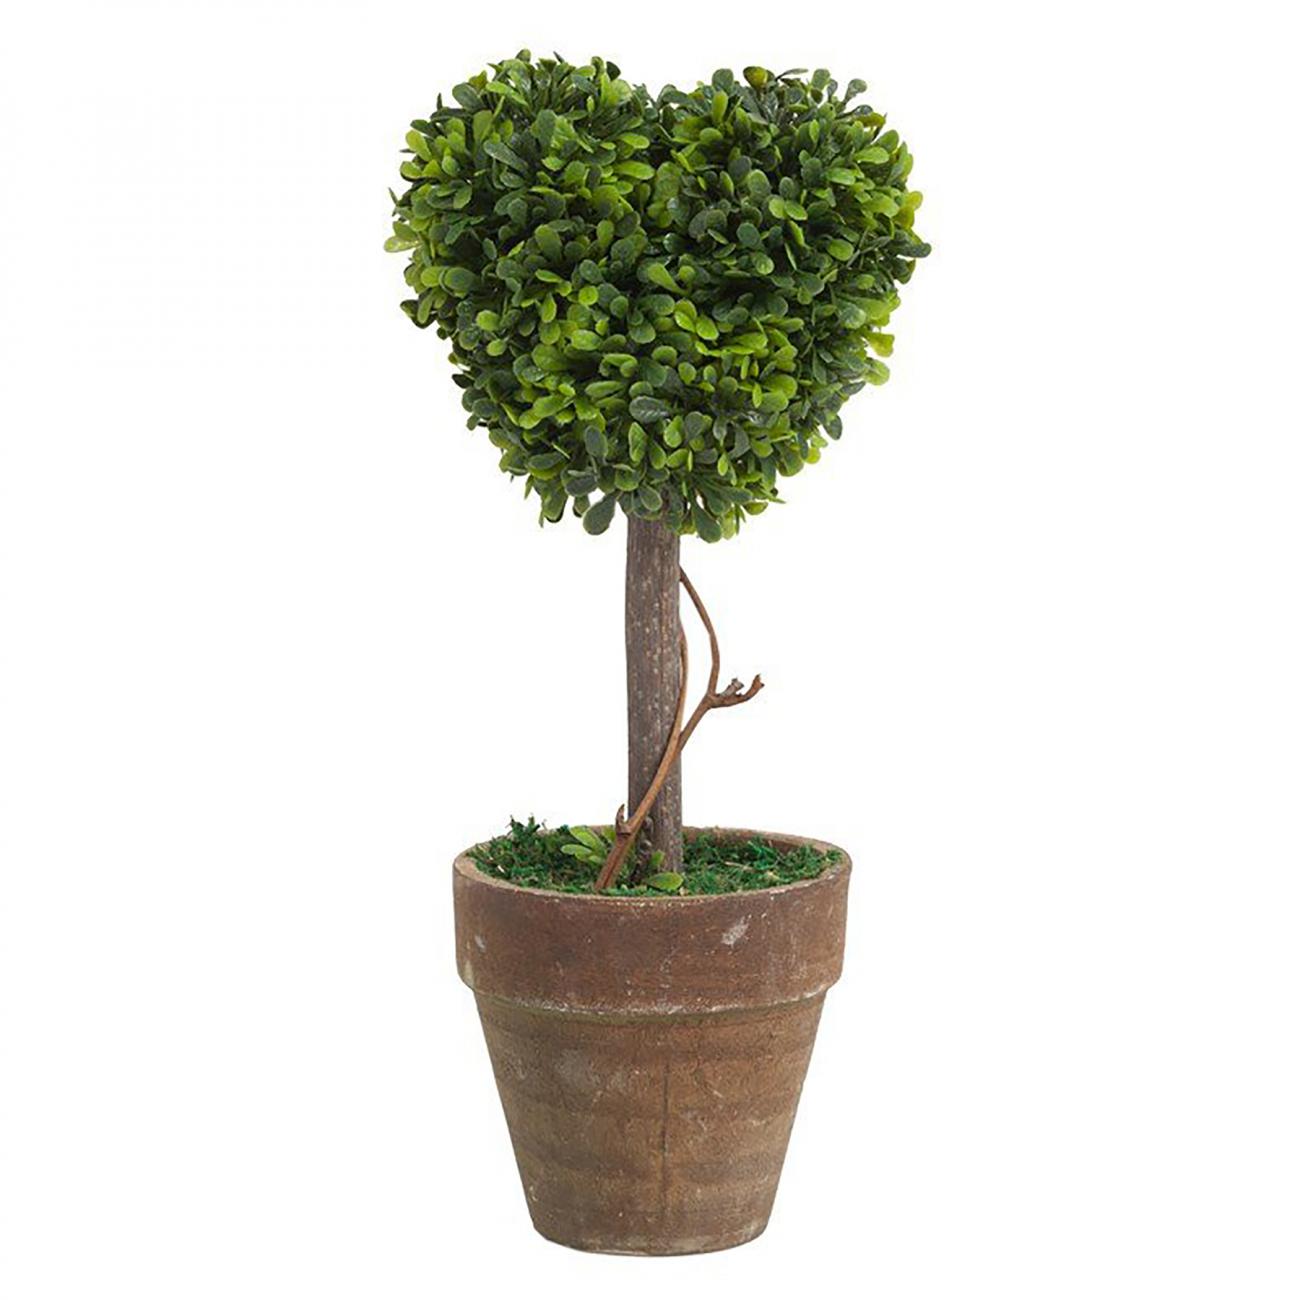 Купить Декоративный цветок в горшке Amour Маленький в интернет магазине дизайнерской мебели и аксессуаров для дома и дачи